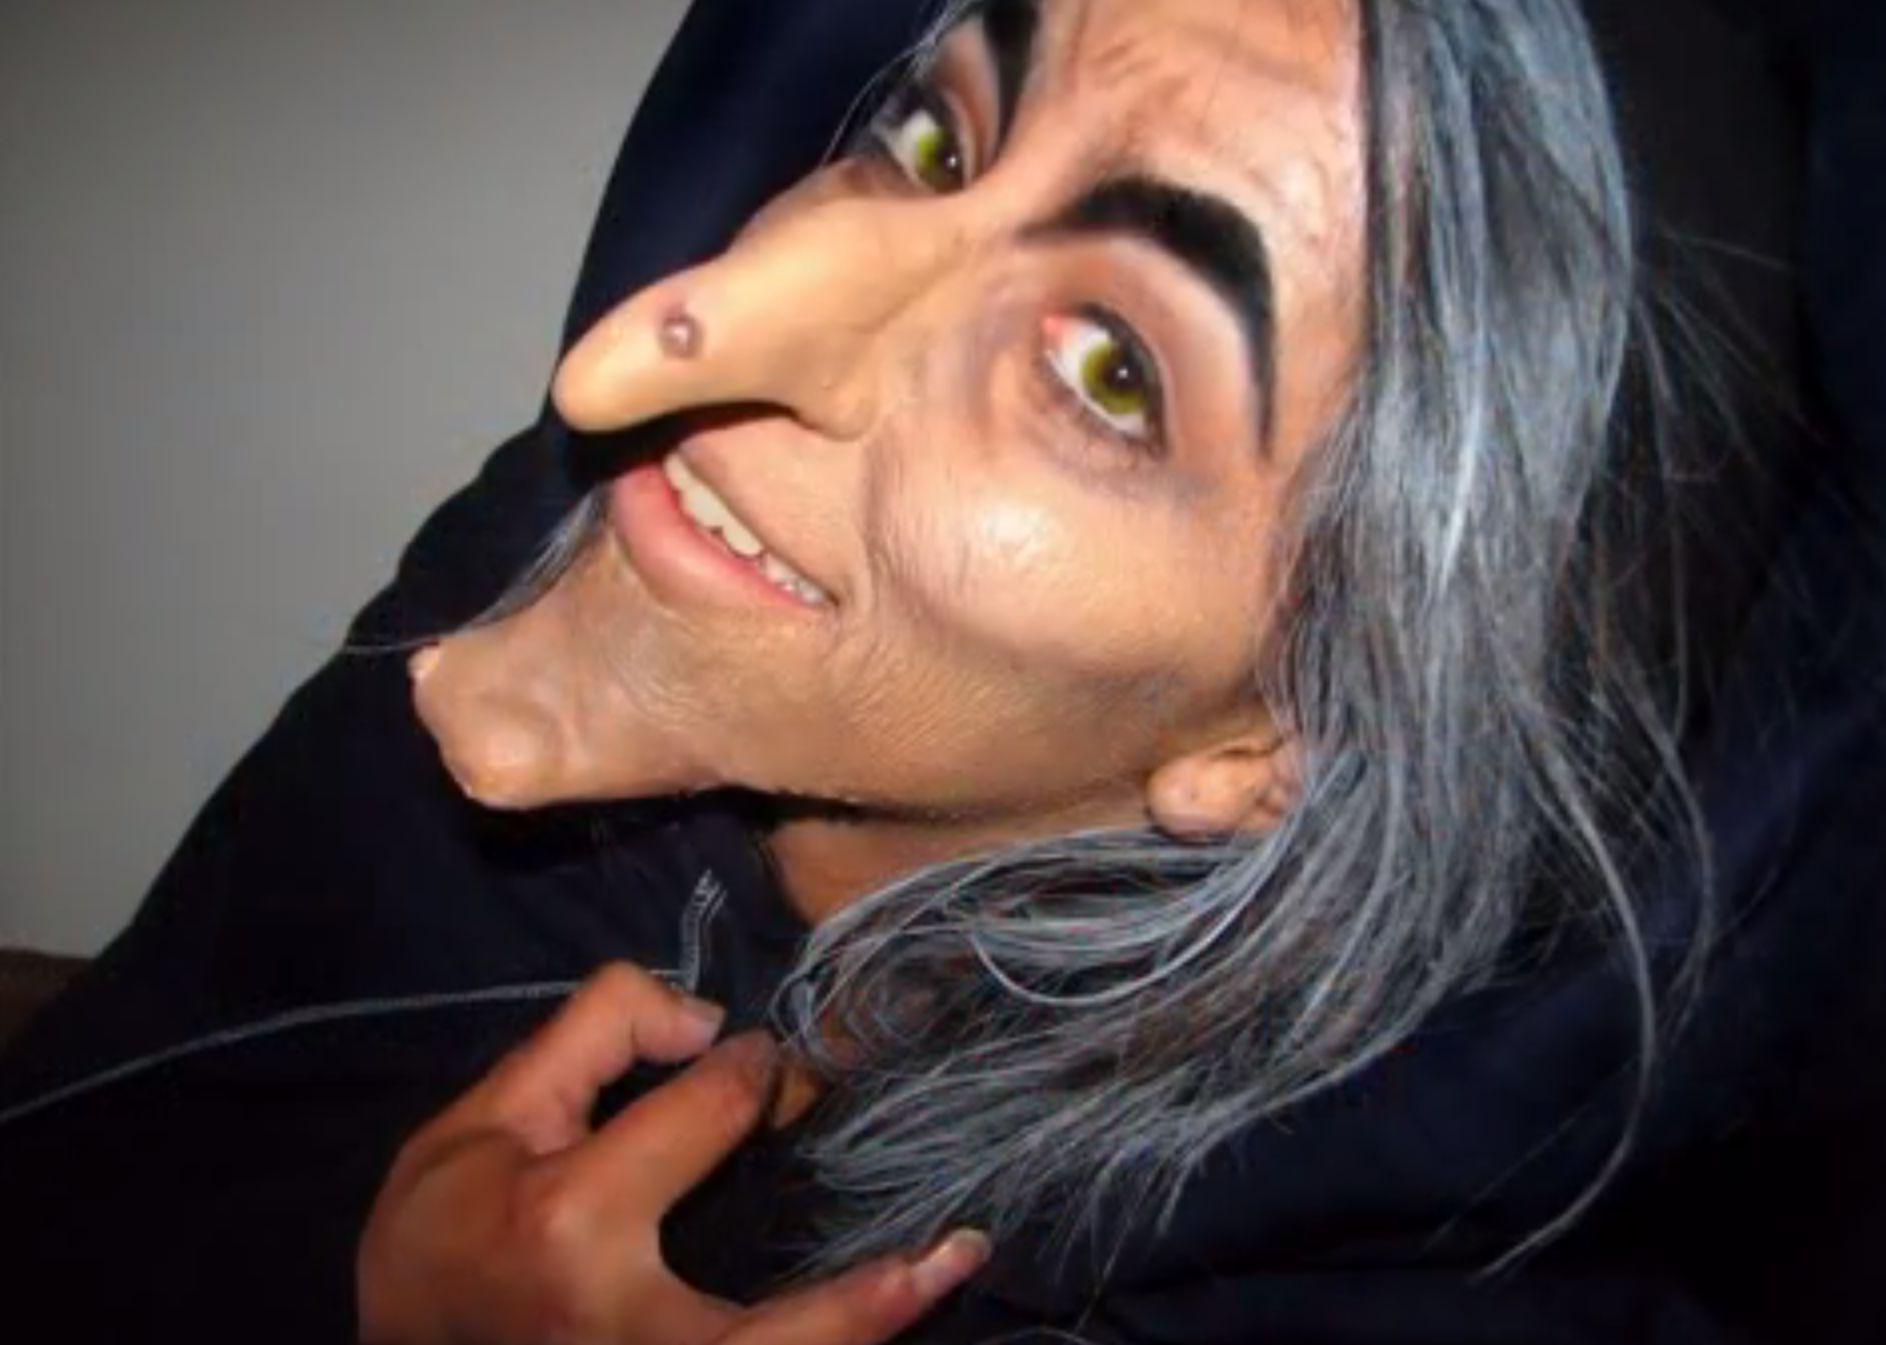 Mettez un nez et un menton artificiels et vous serez une vraie sorcière